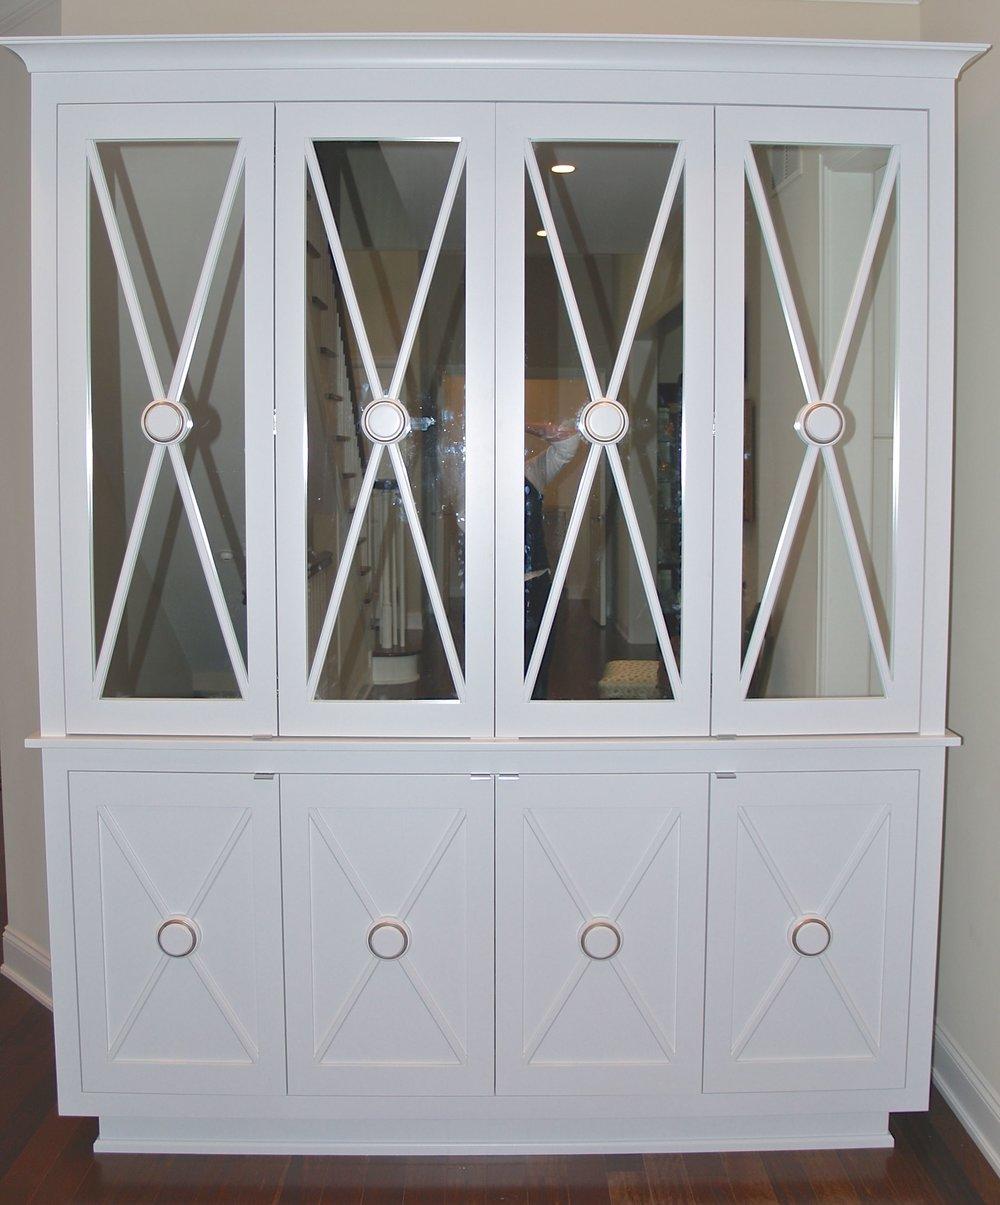 Deco Studio Exclusive - Bar Cabinet Furniture Design